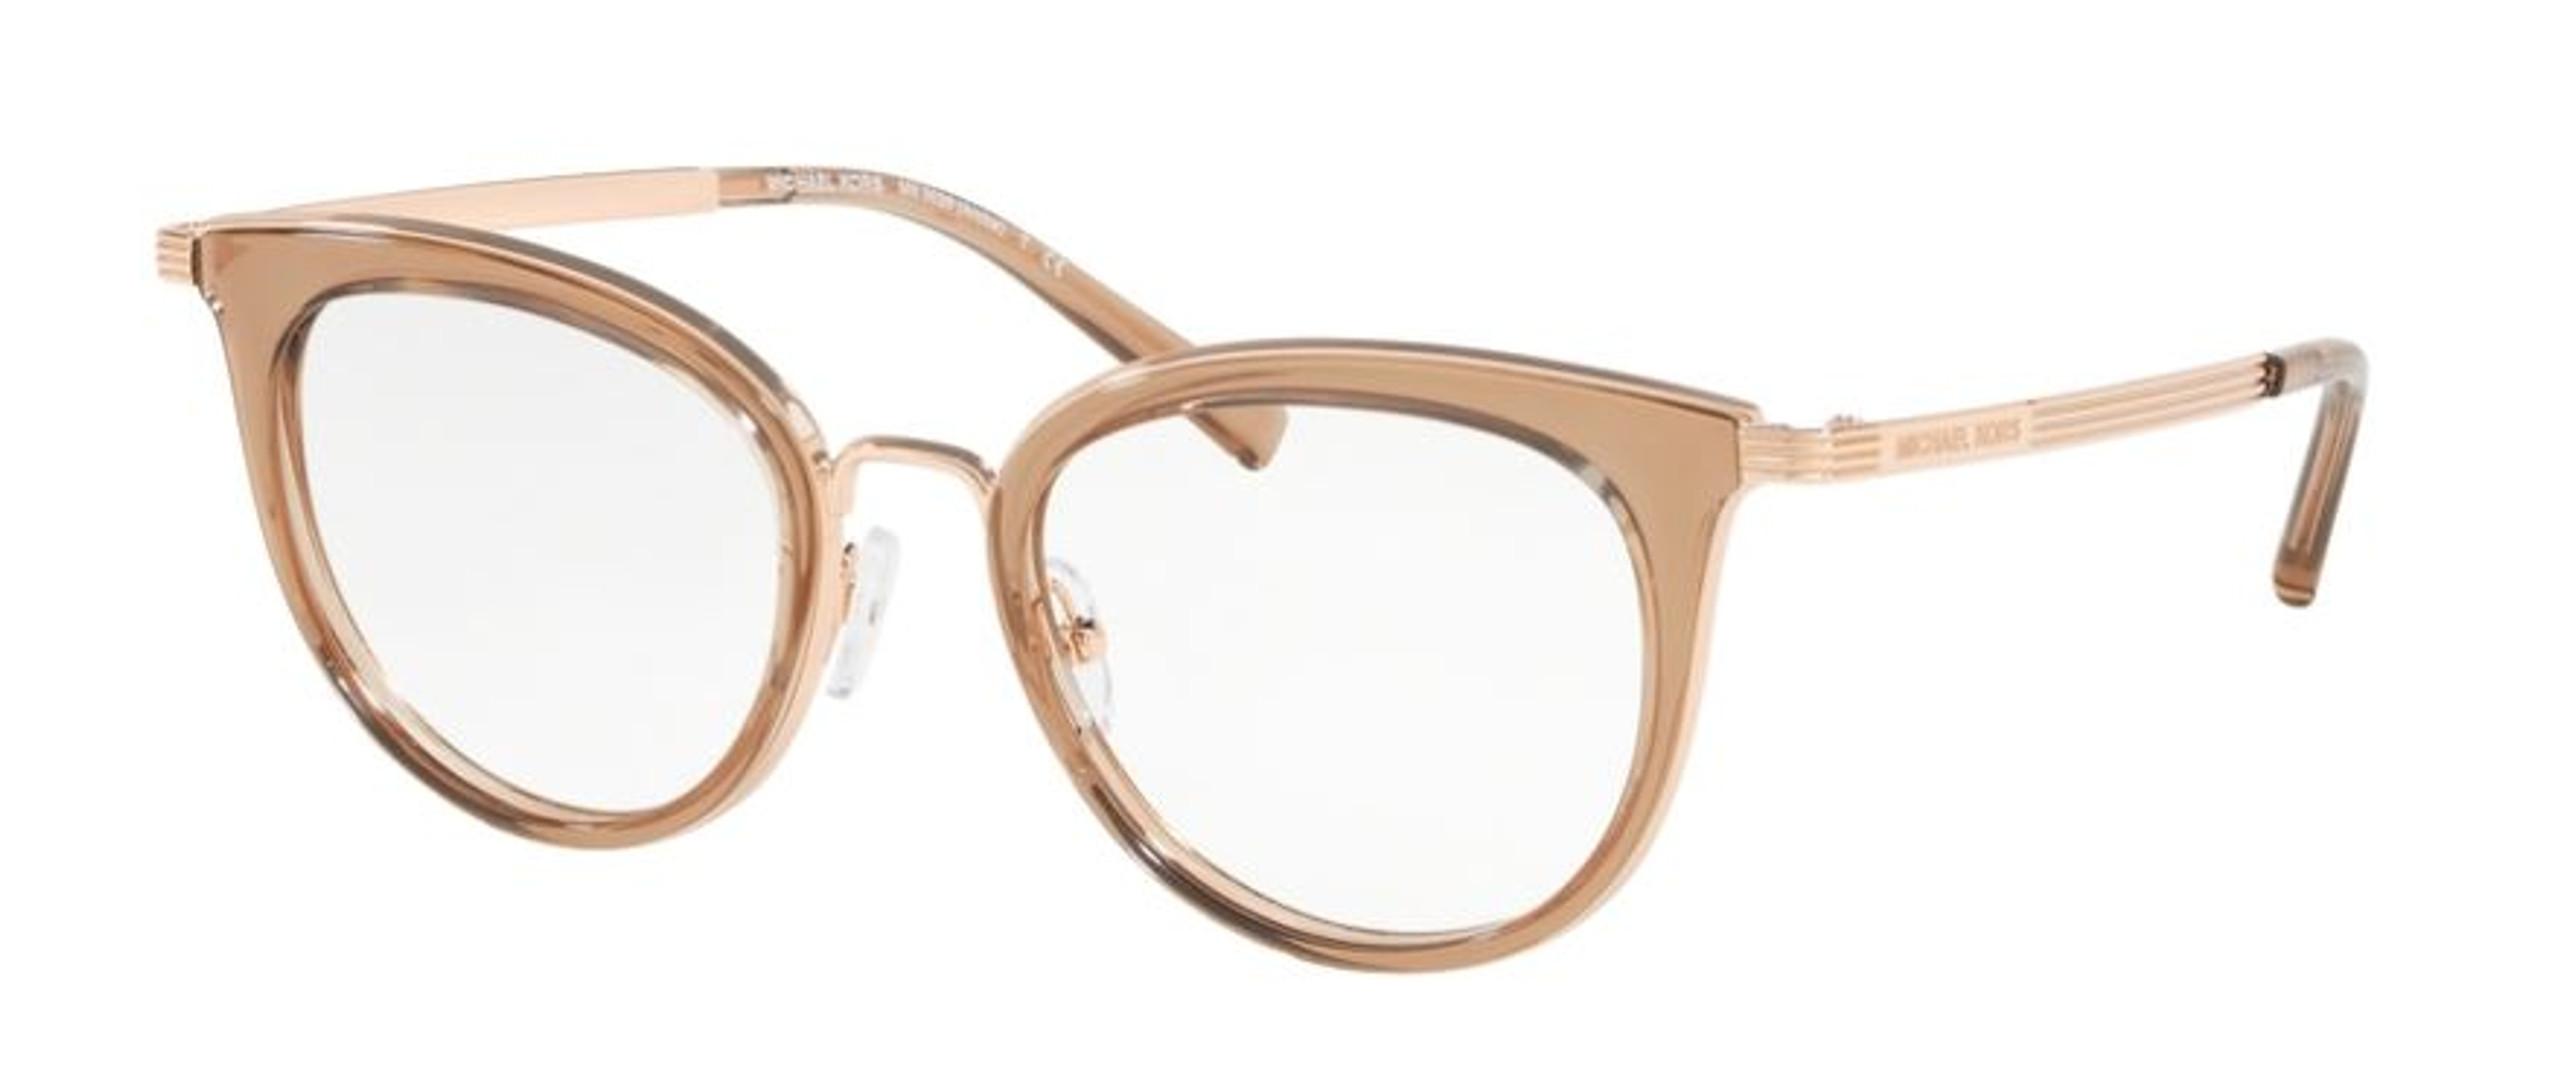 Cat's eyes women's glasses frames gold tones Michael Kors brand